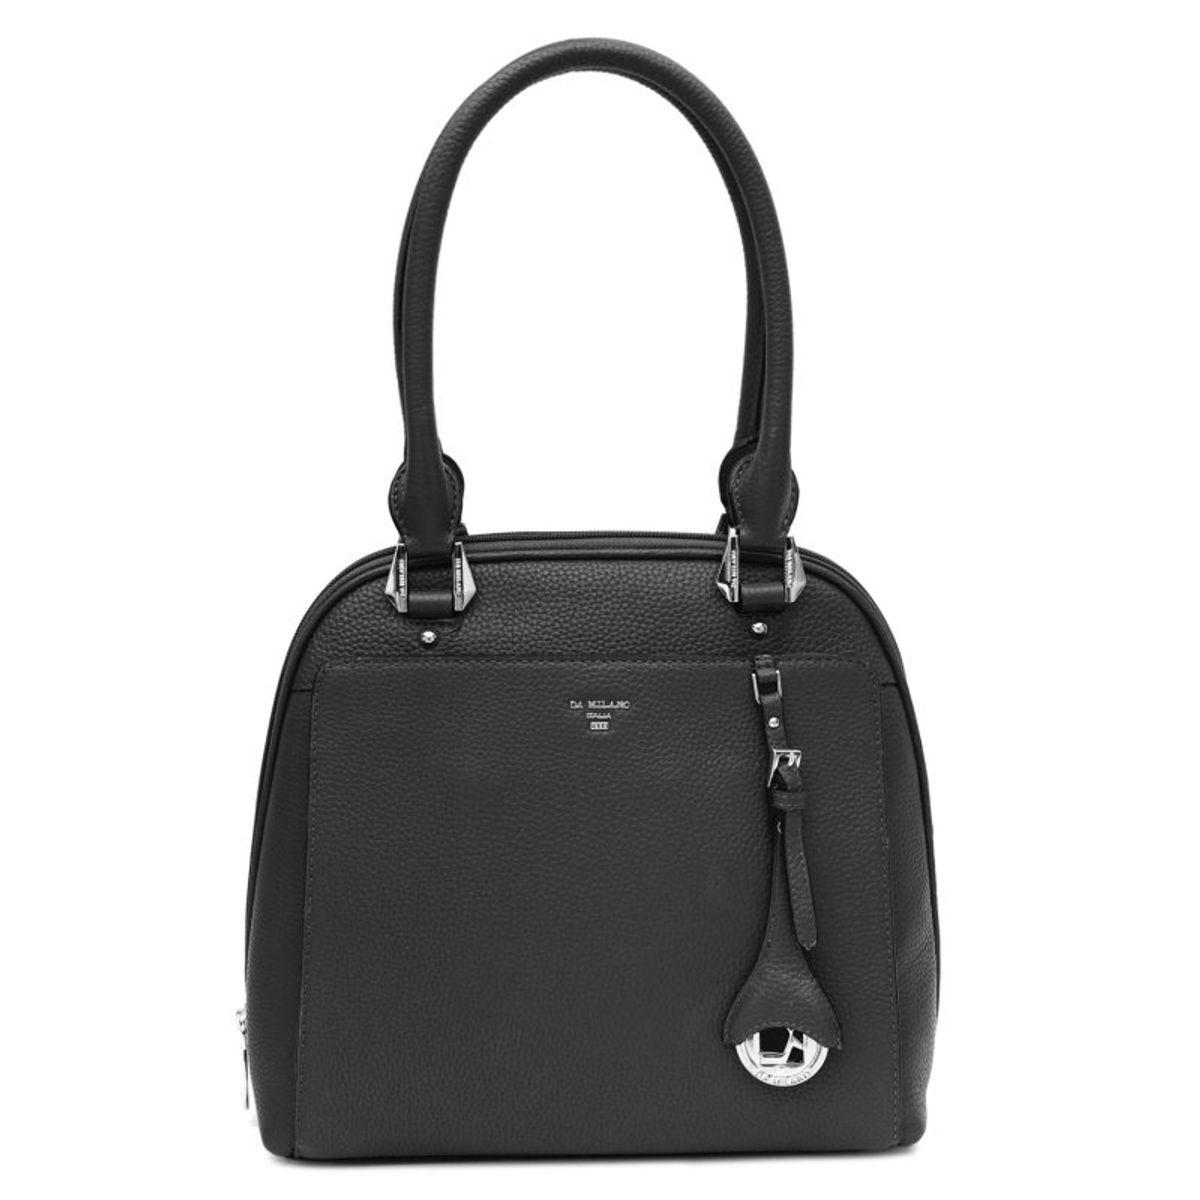 db5acf20ce77 ... Da Milano Black Satchel Bag · zoom ...